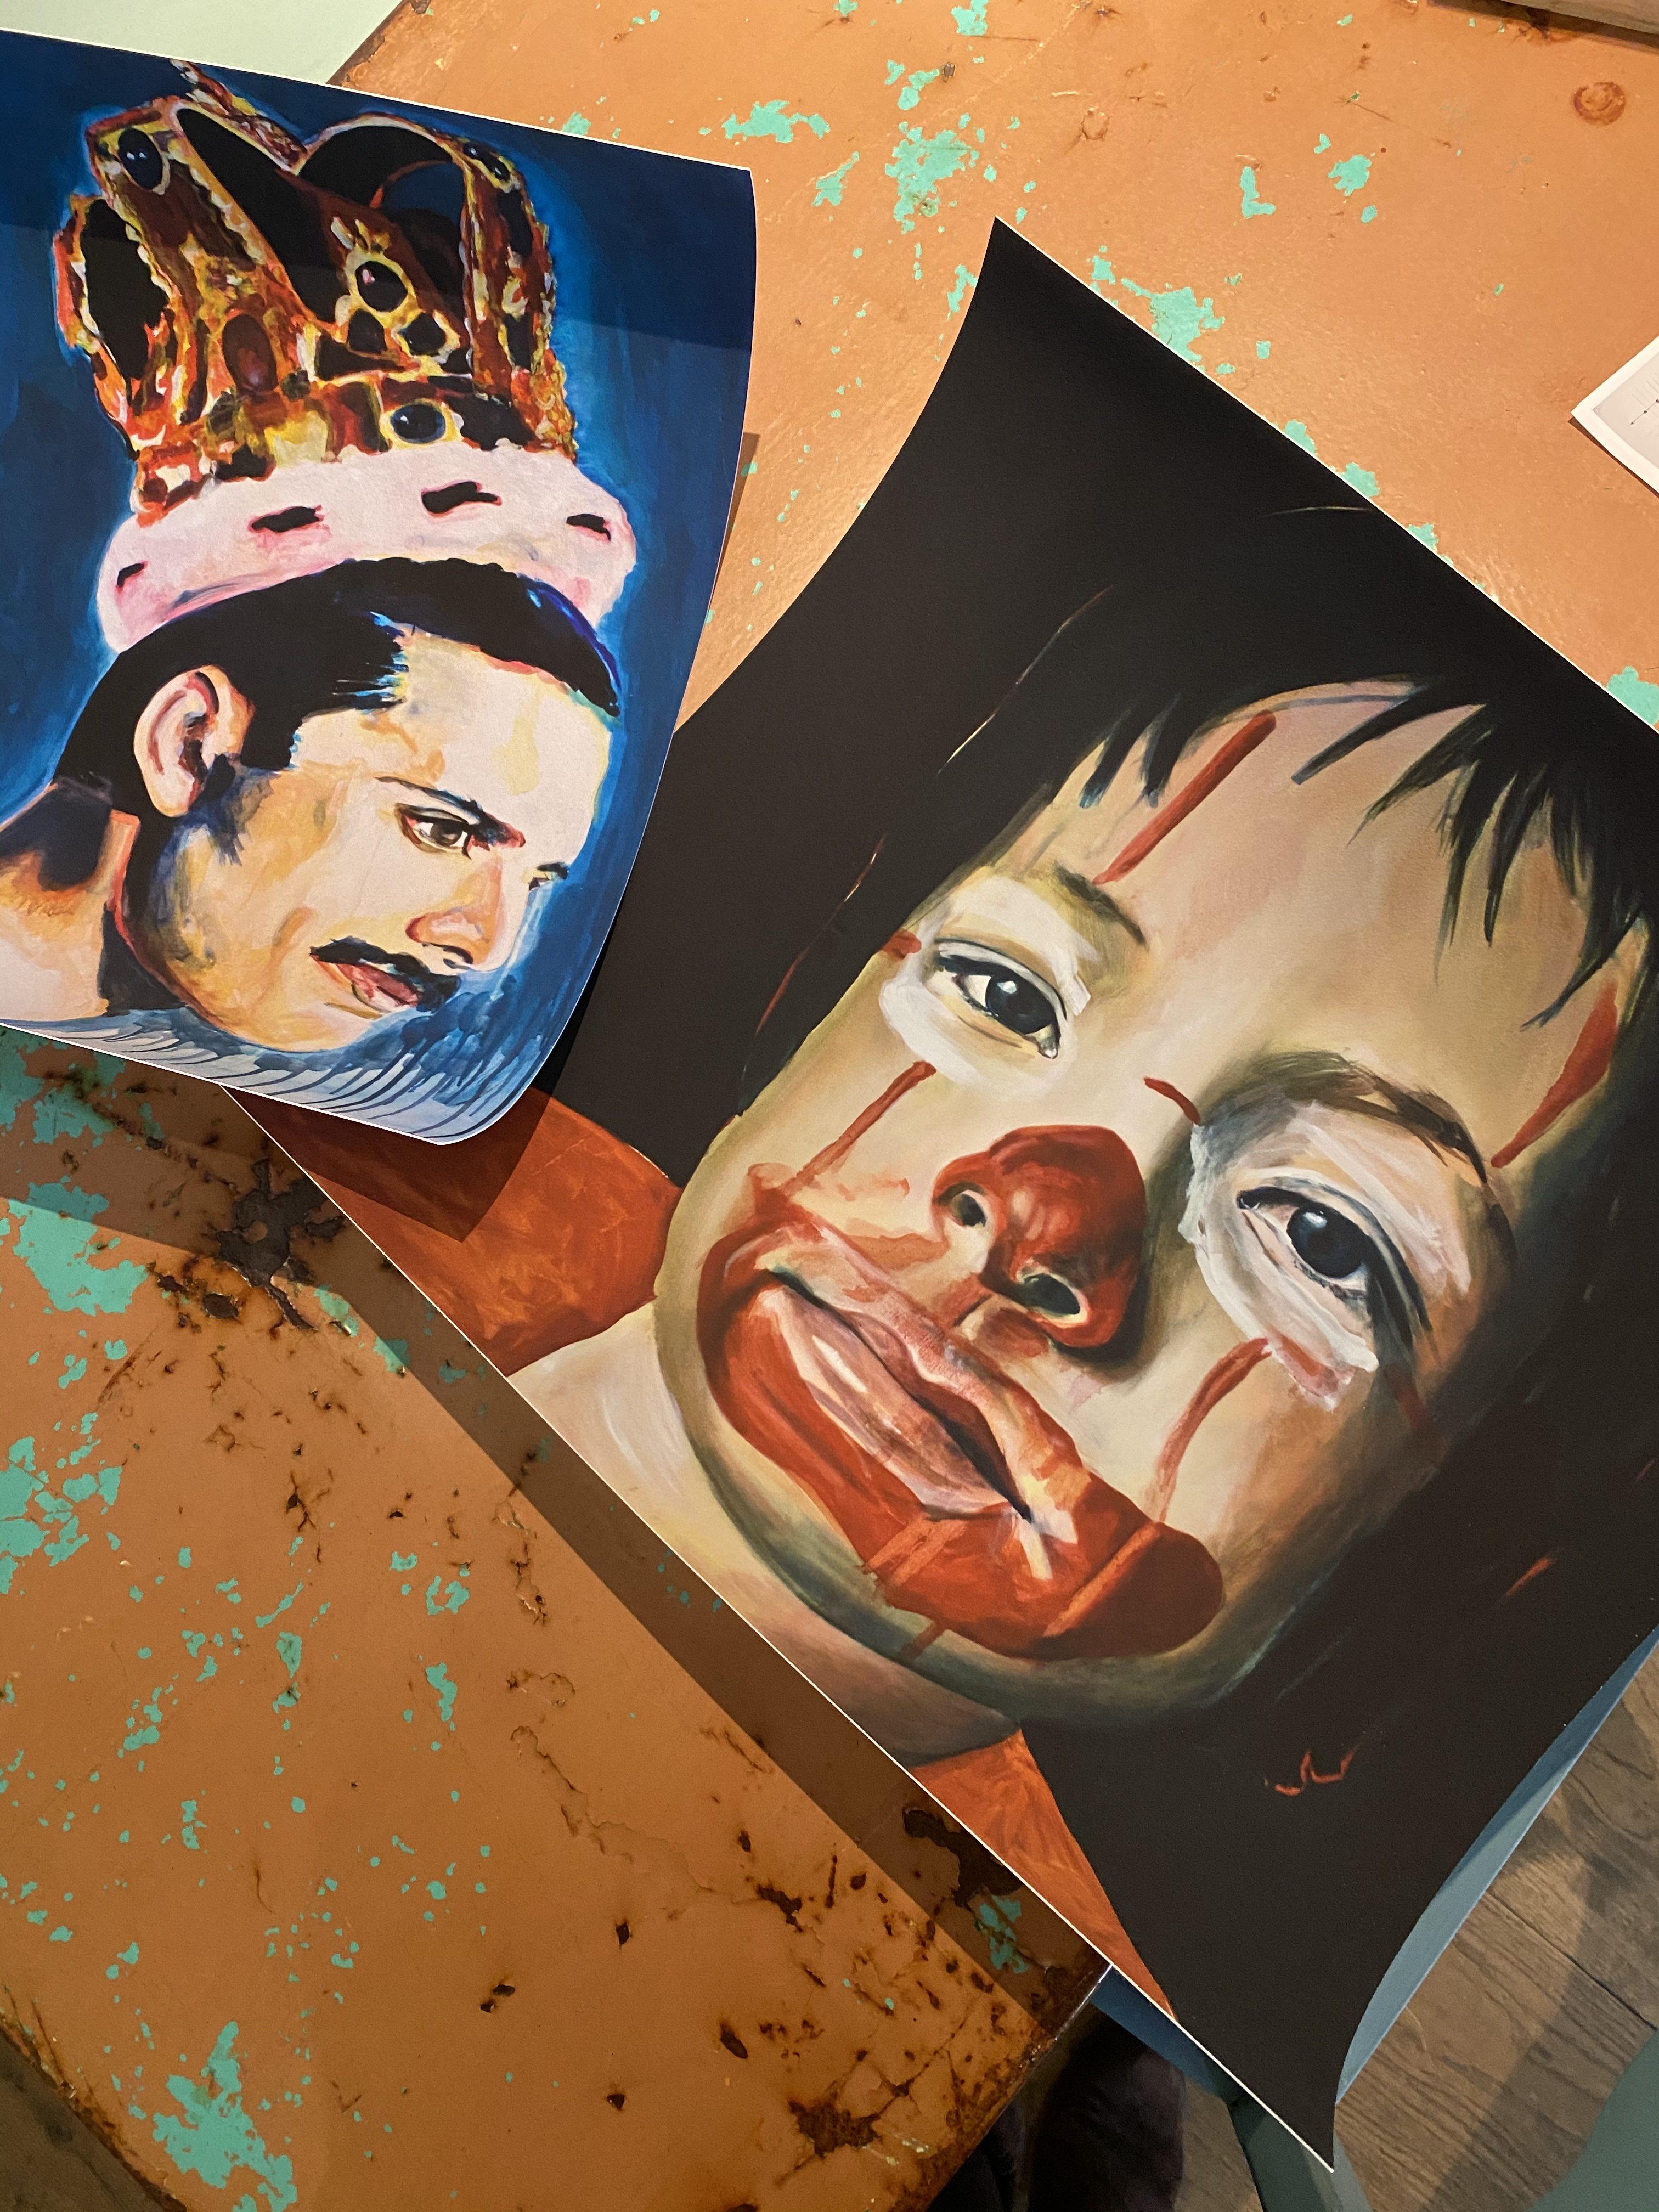 Clown giclee print Angela Peters, Angelart Kunst en zo galerie Hattem